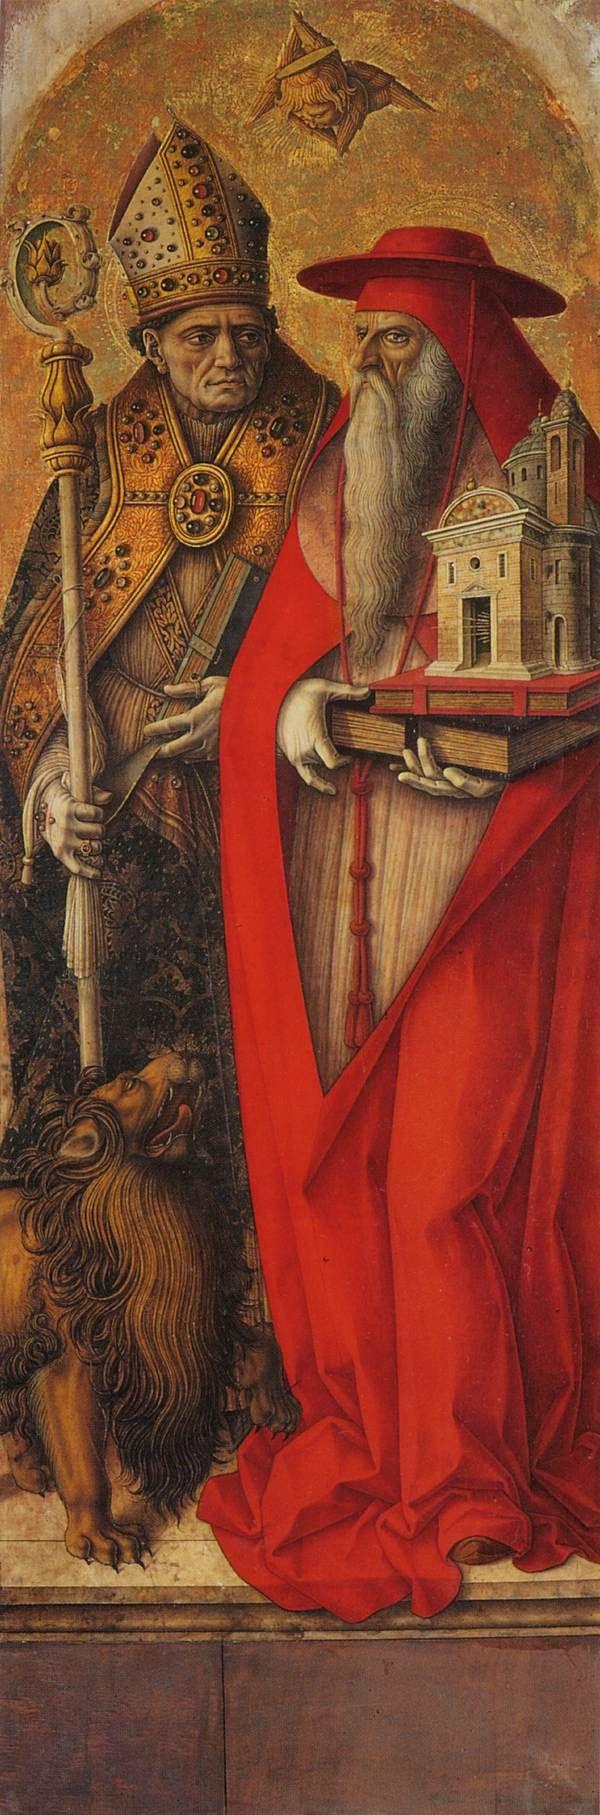 Vittore et Carlo Crivelli, 15ème siècle. - Intéressant et oublié - vie et curiosités des époques passées.